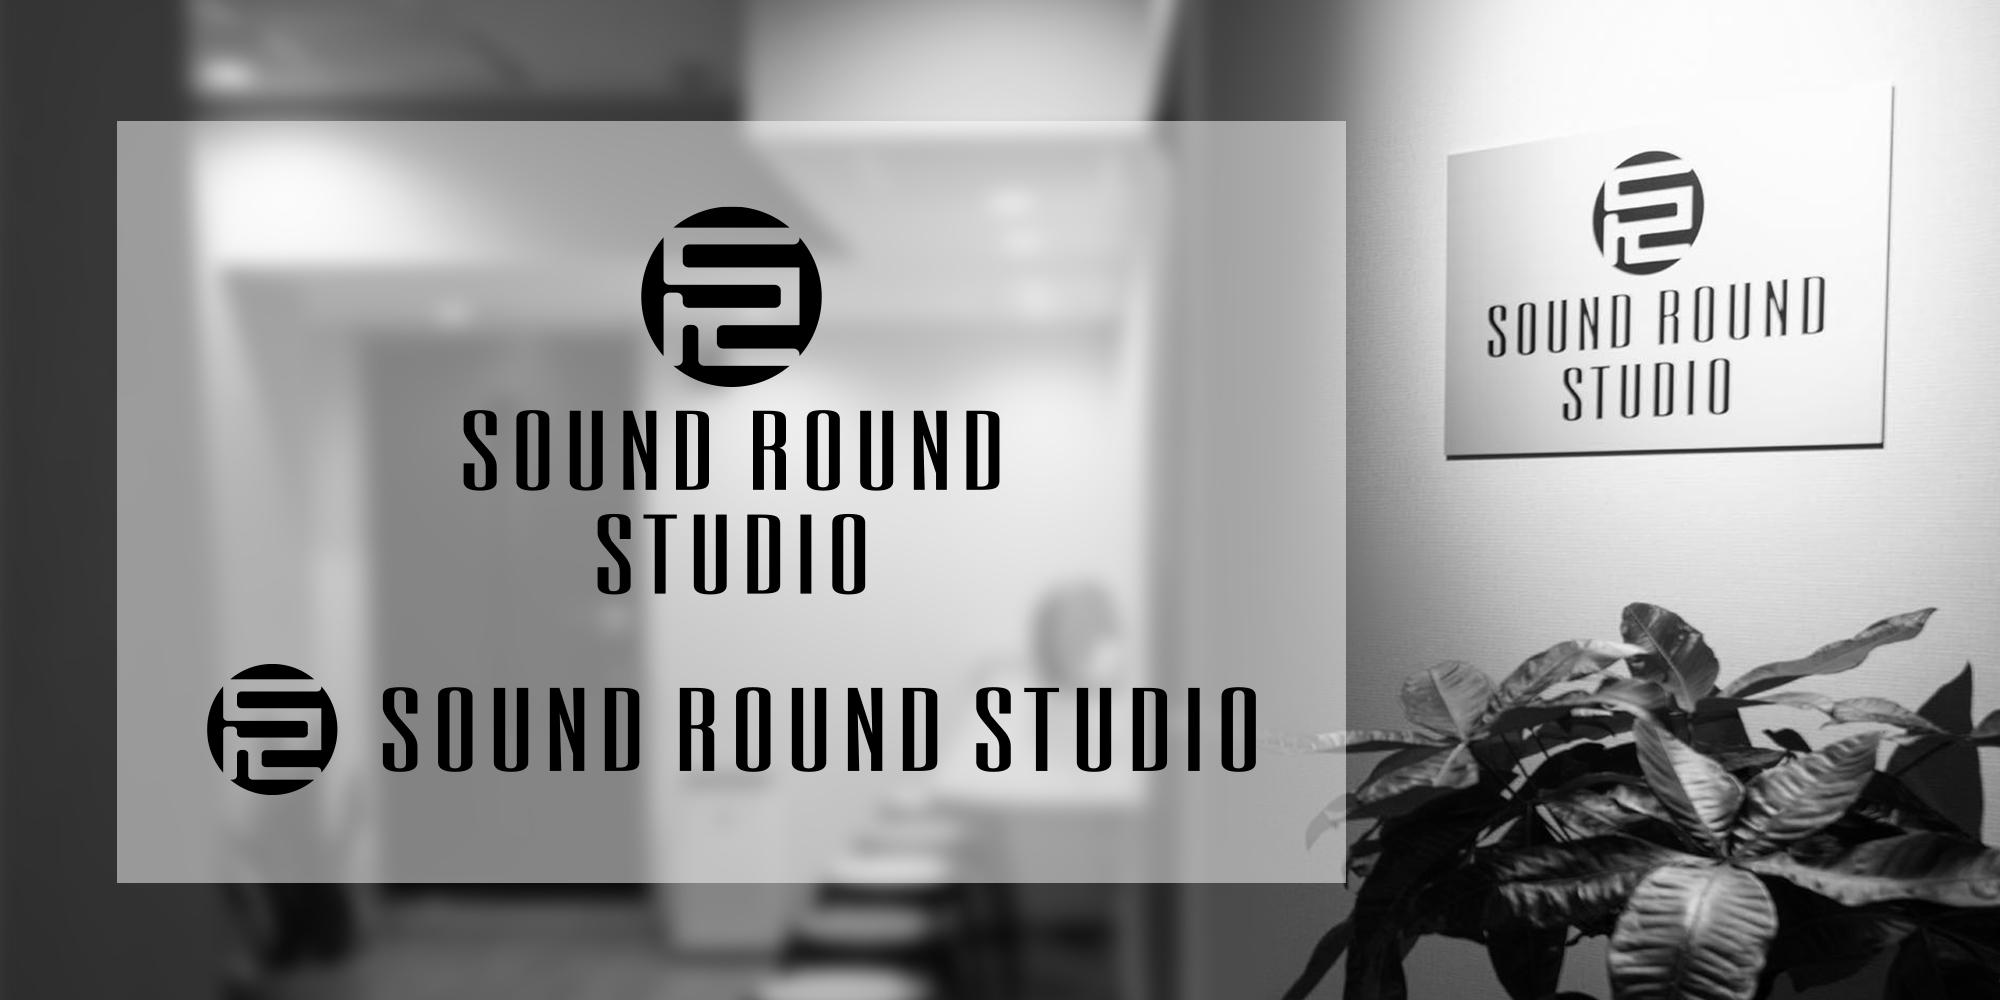 SOUND ROUND STUDIO